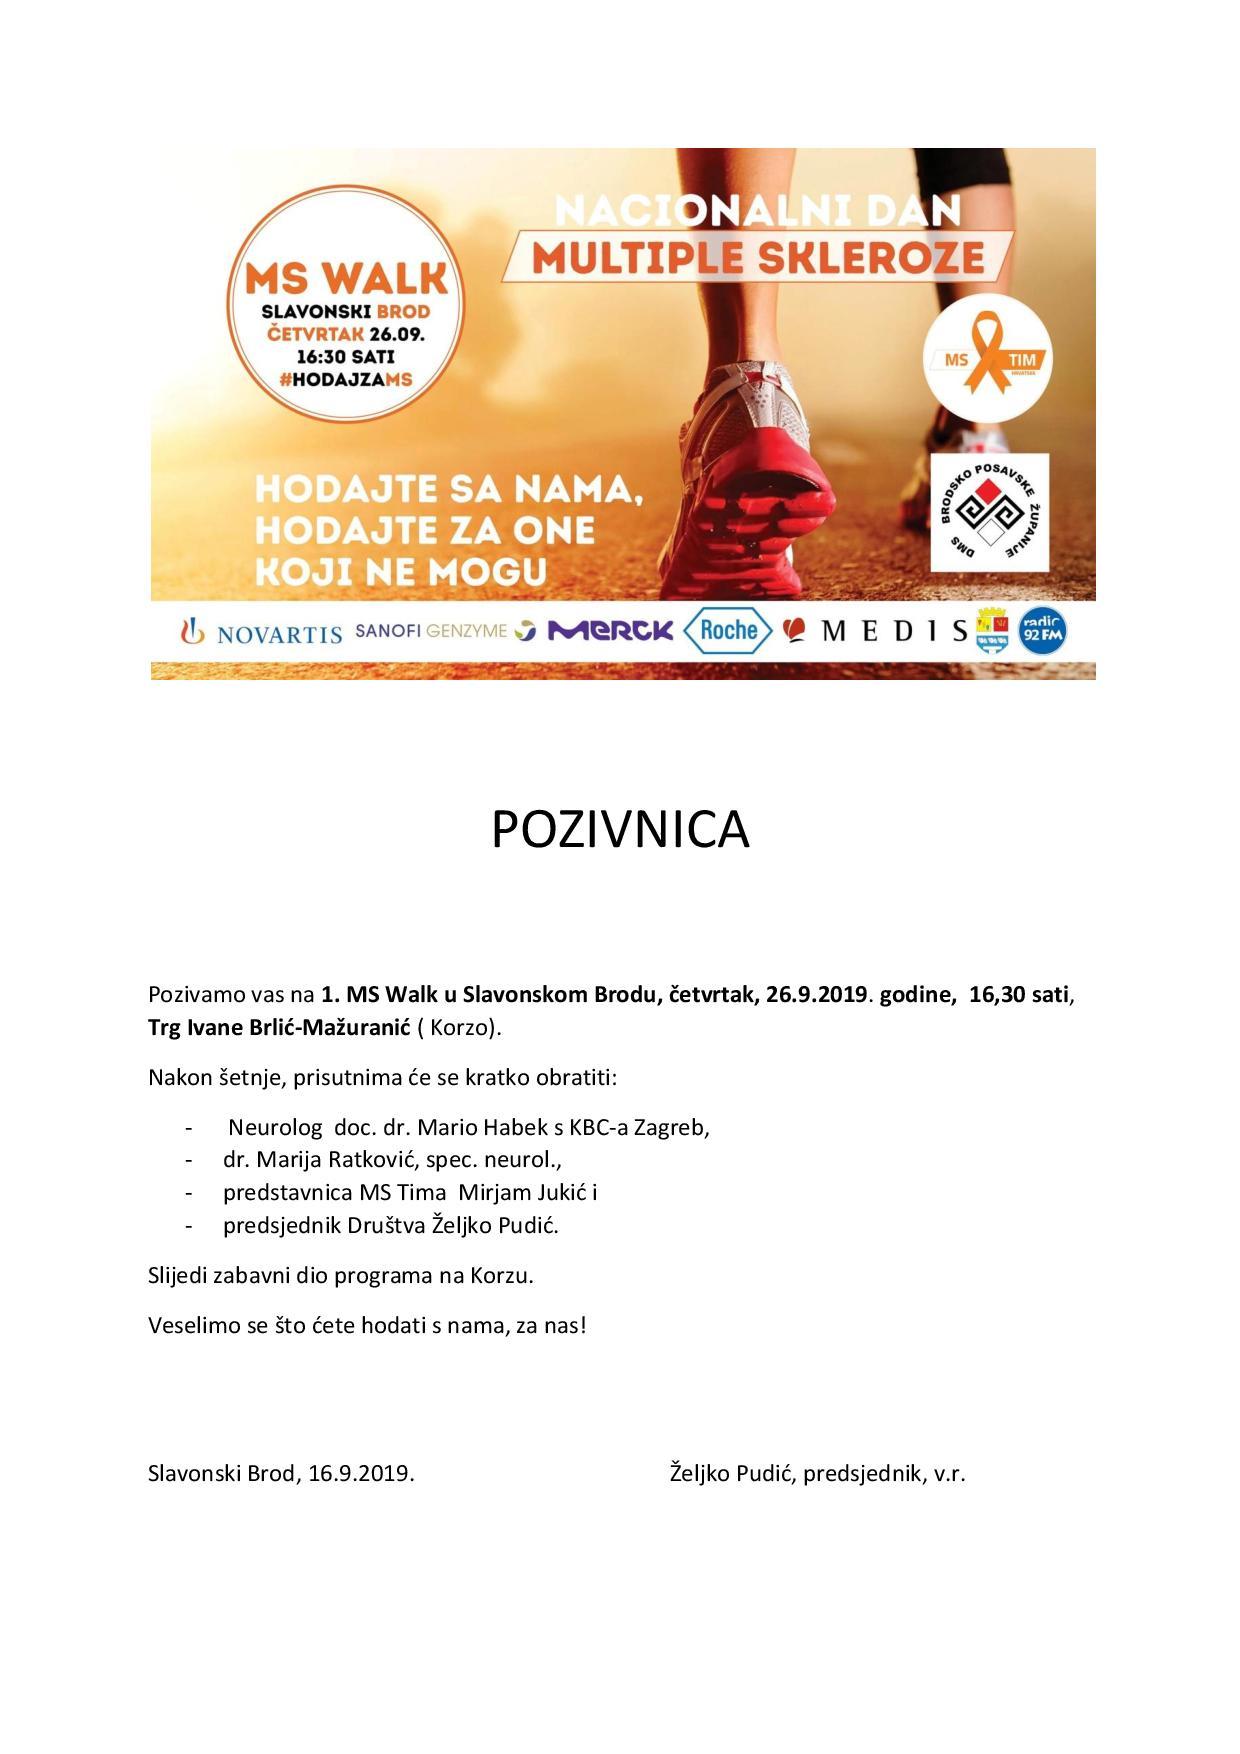 Hodajte s nama za one koji ne mogu, pod tom parolom organiziran je 1. MS WALK u Slavonskom Brodu